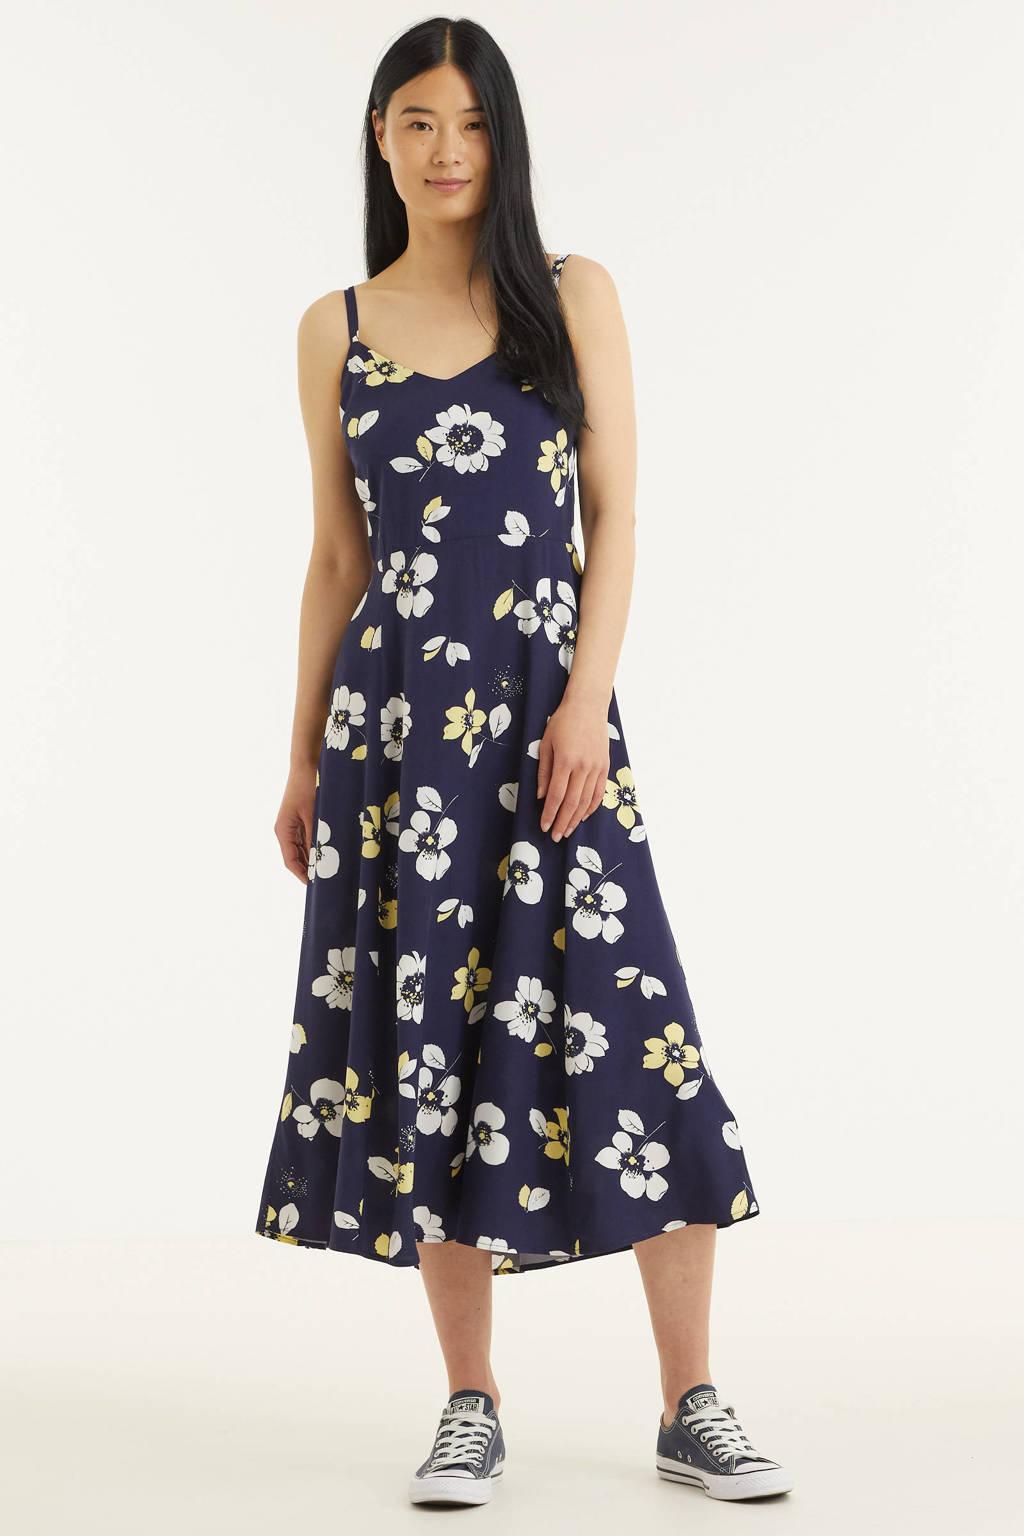 GAP gebloemde A-lijn jurk donkerblauw, Donkerblauw